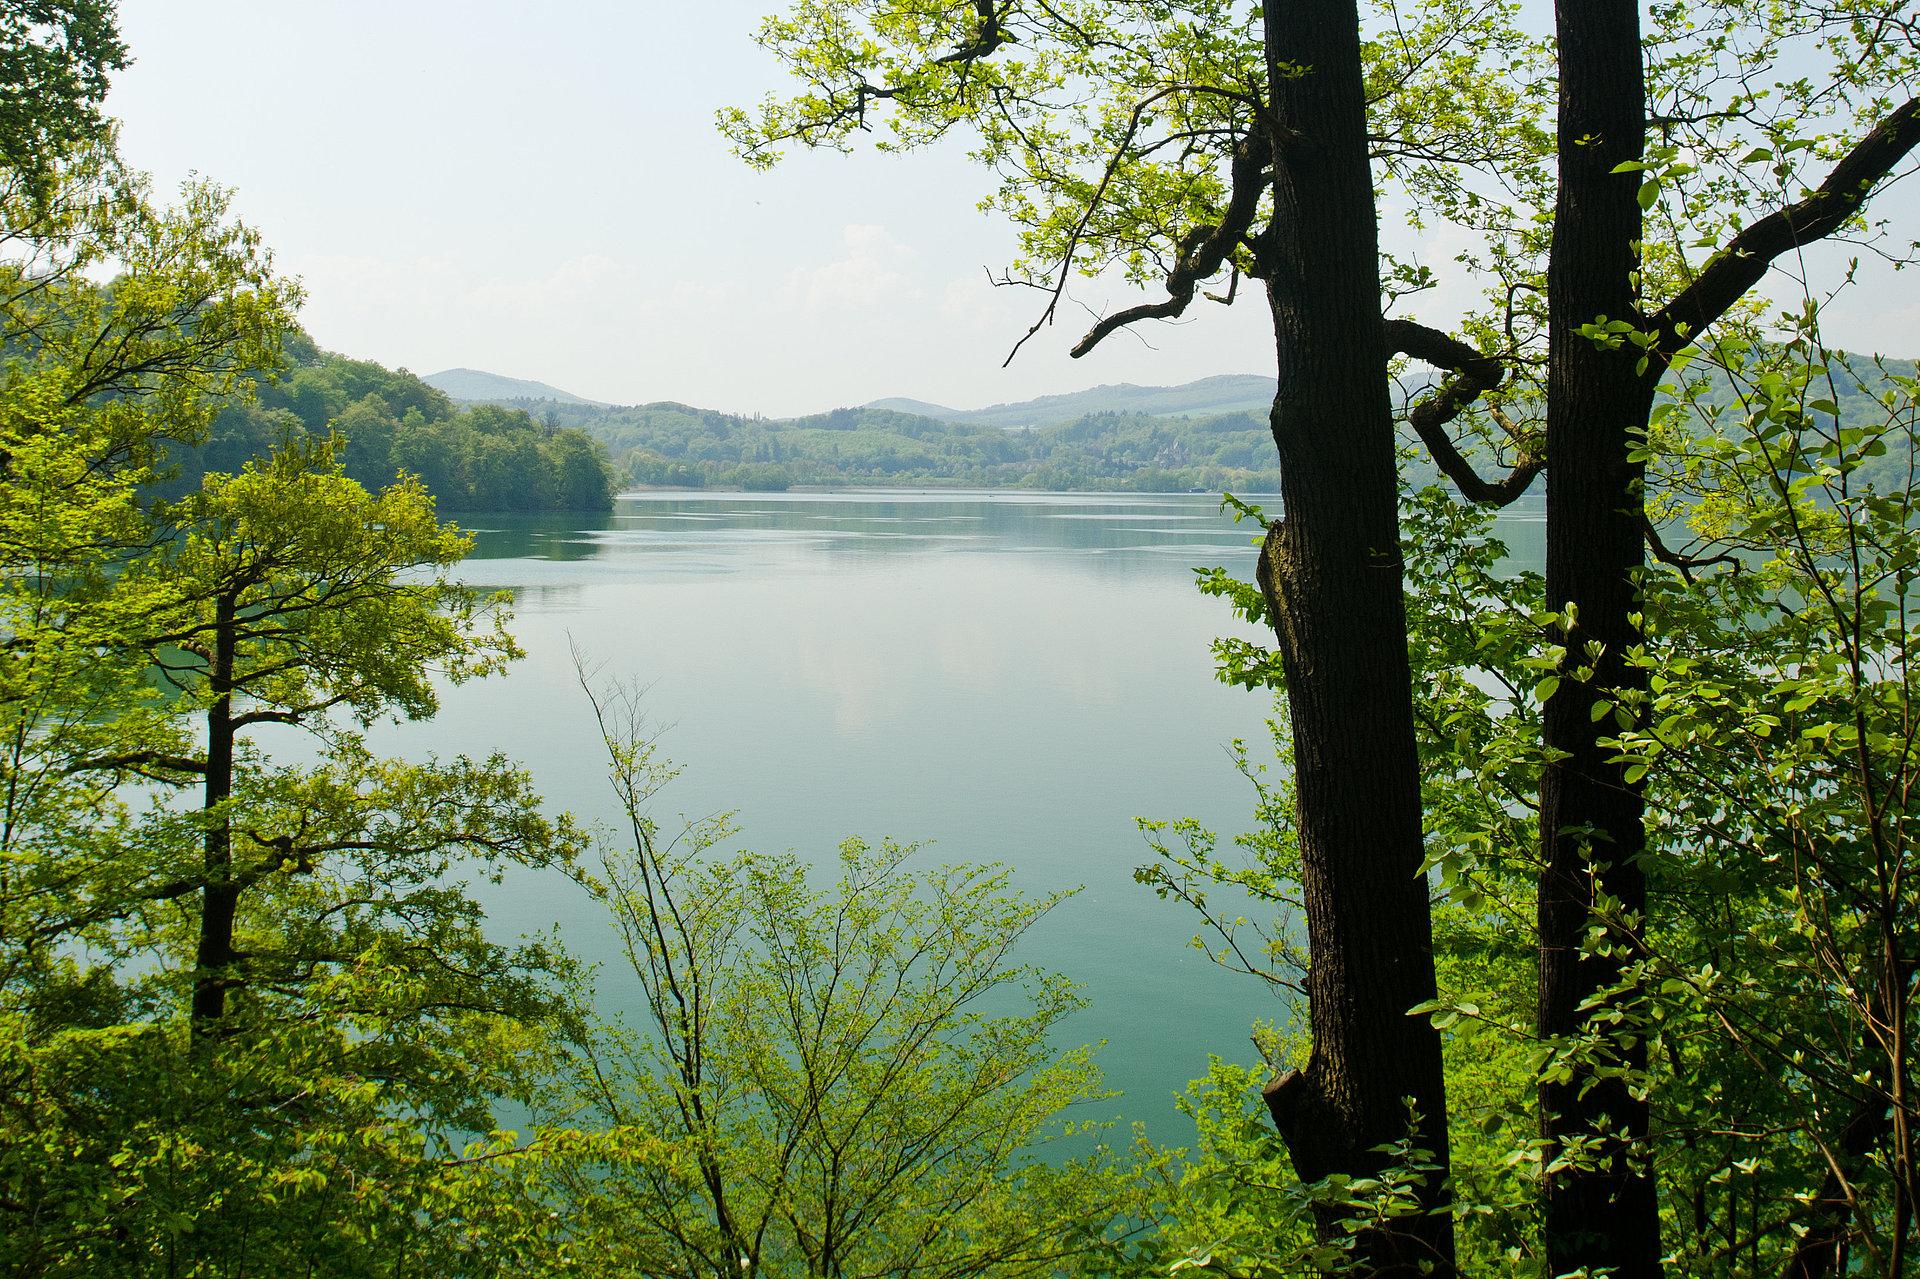 Lake Laach at Maria Laach, Eifel